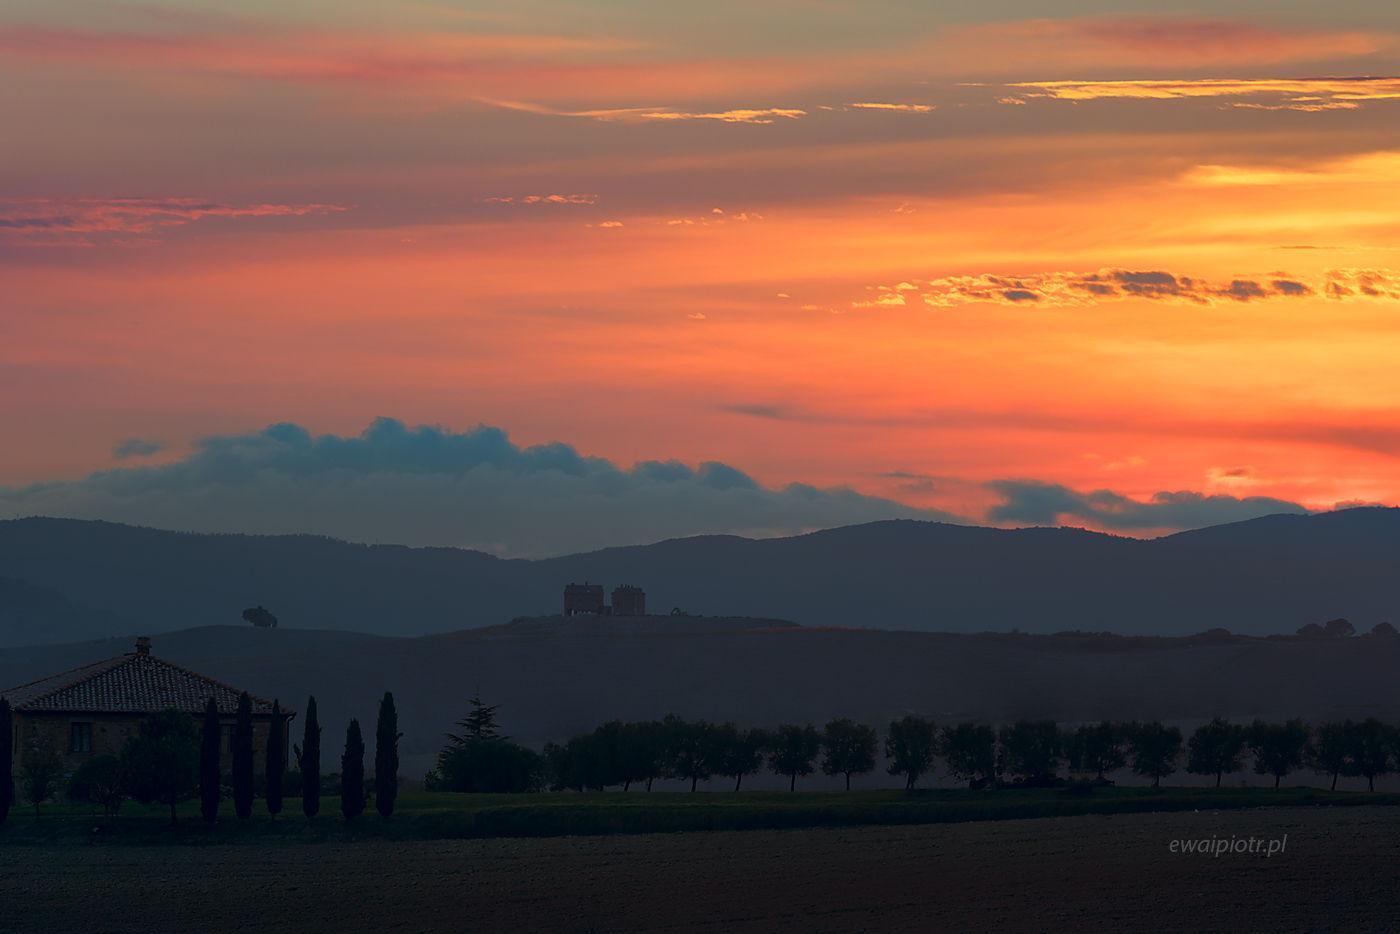 Po zachodzie słońca, Toskania, wyprawa foto